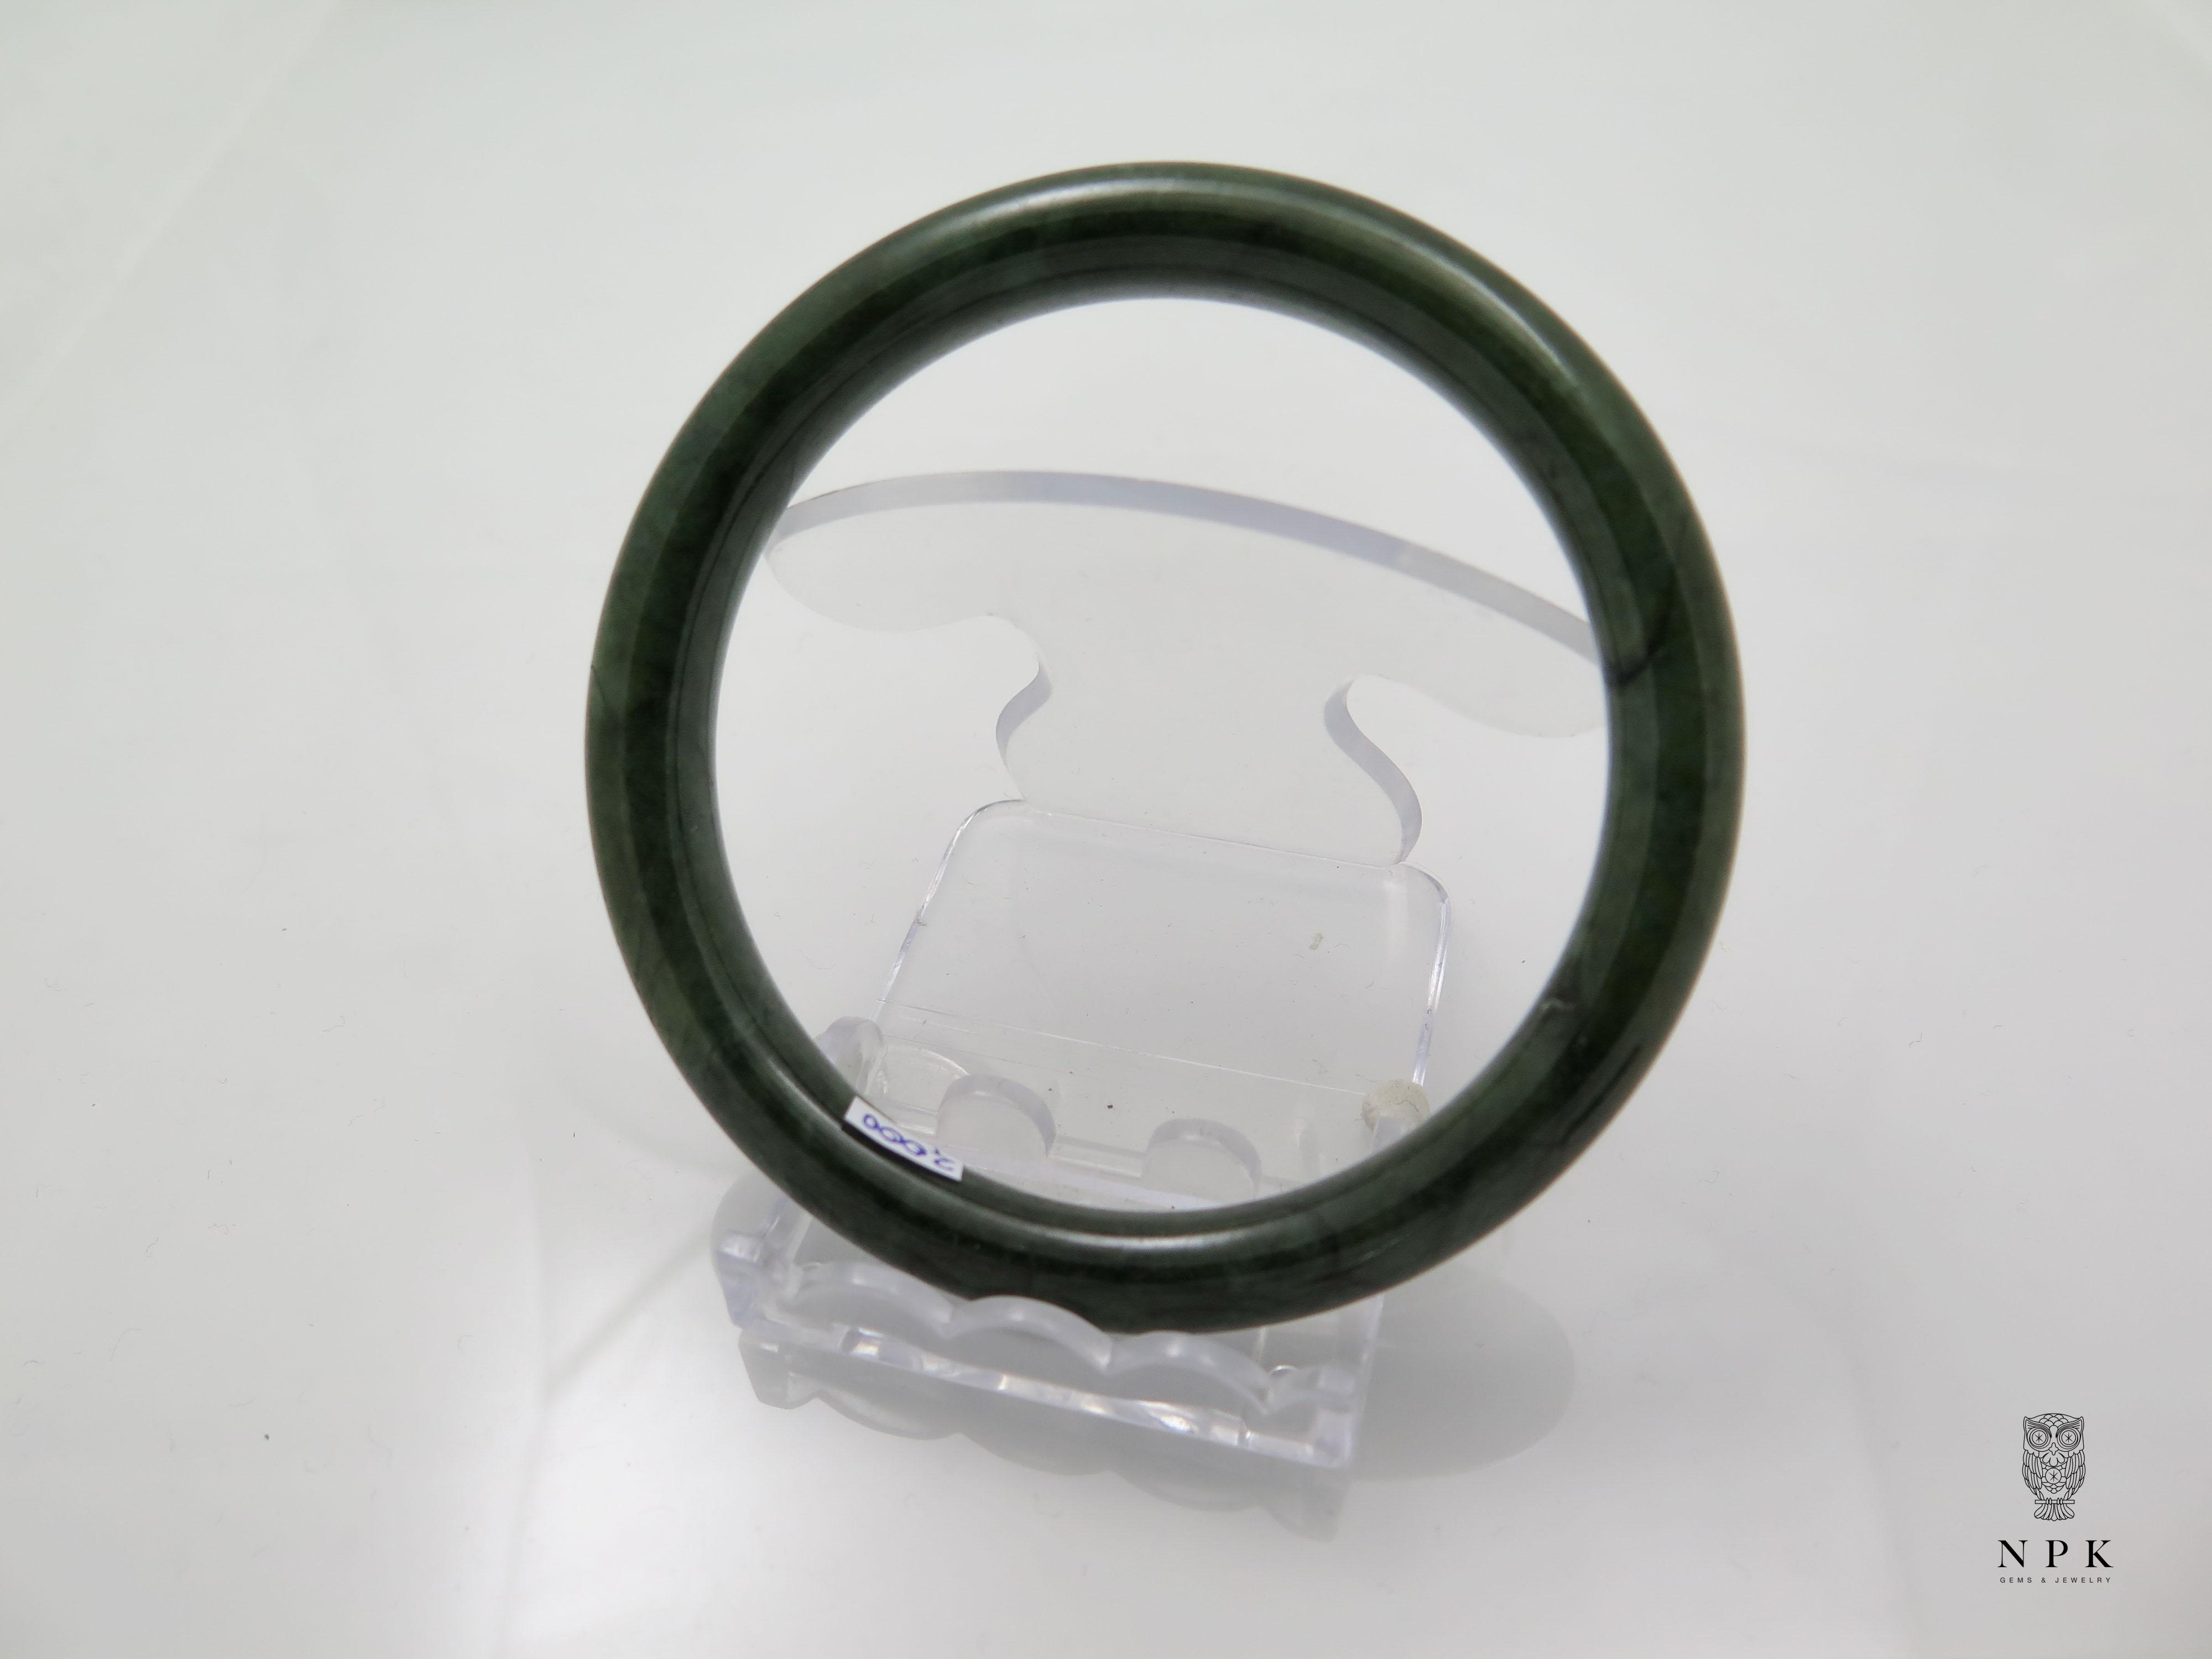 กำไลหยกสีเขียวขี้ม้าเนื้อดี(Bangle jade)